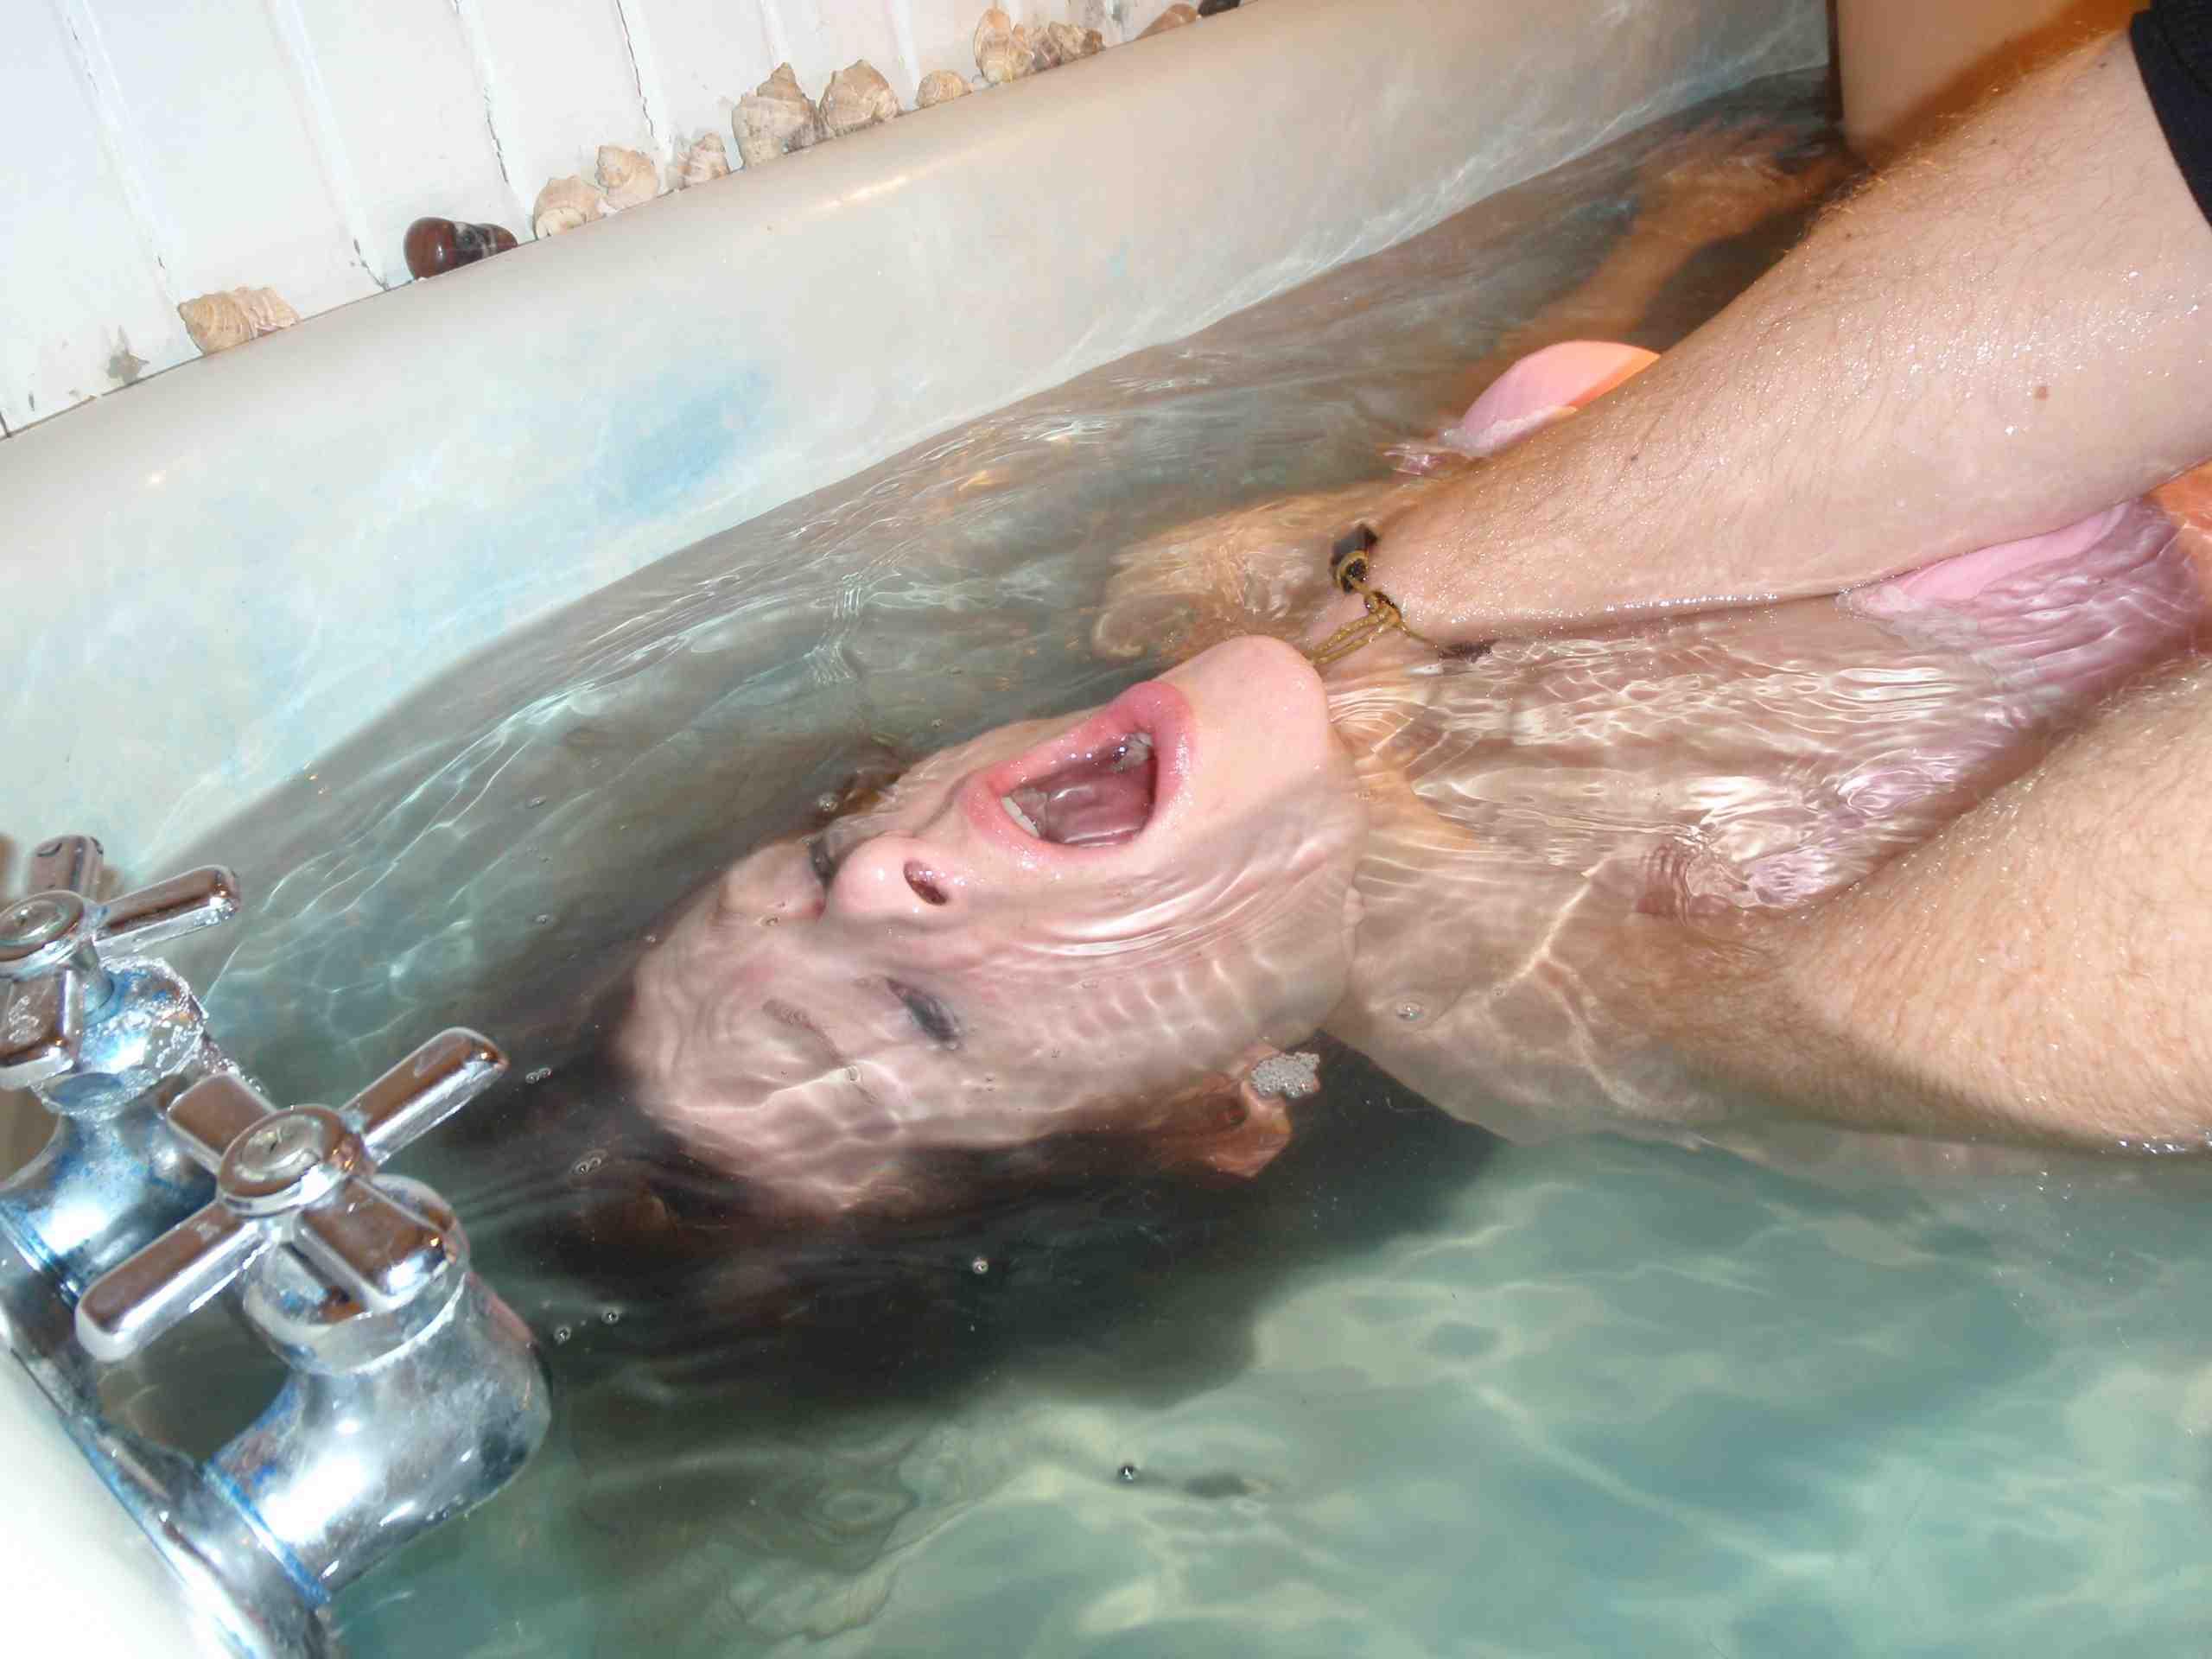 【エロ画像】死ぬ一歩手前まで拷問しないと興奮しない男に出会った女性、最後は溺死する模様。。(閲覧注意)・2枚目